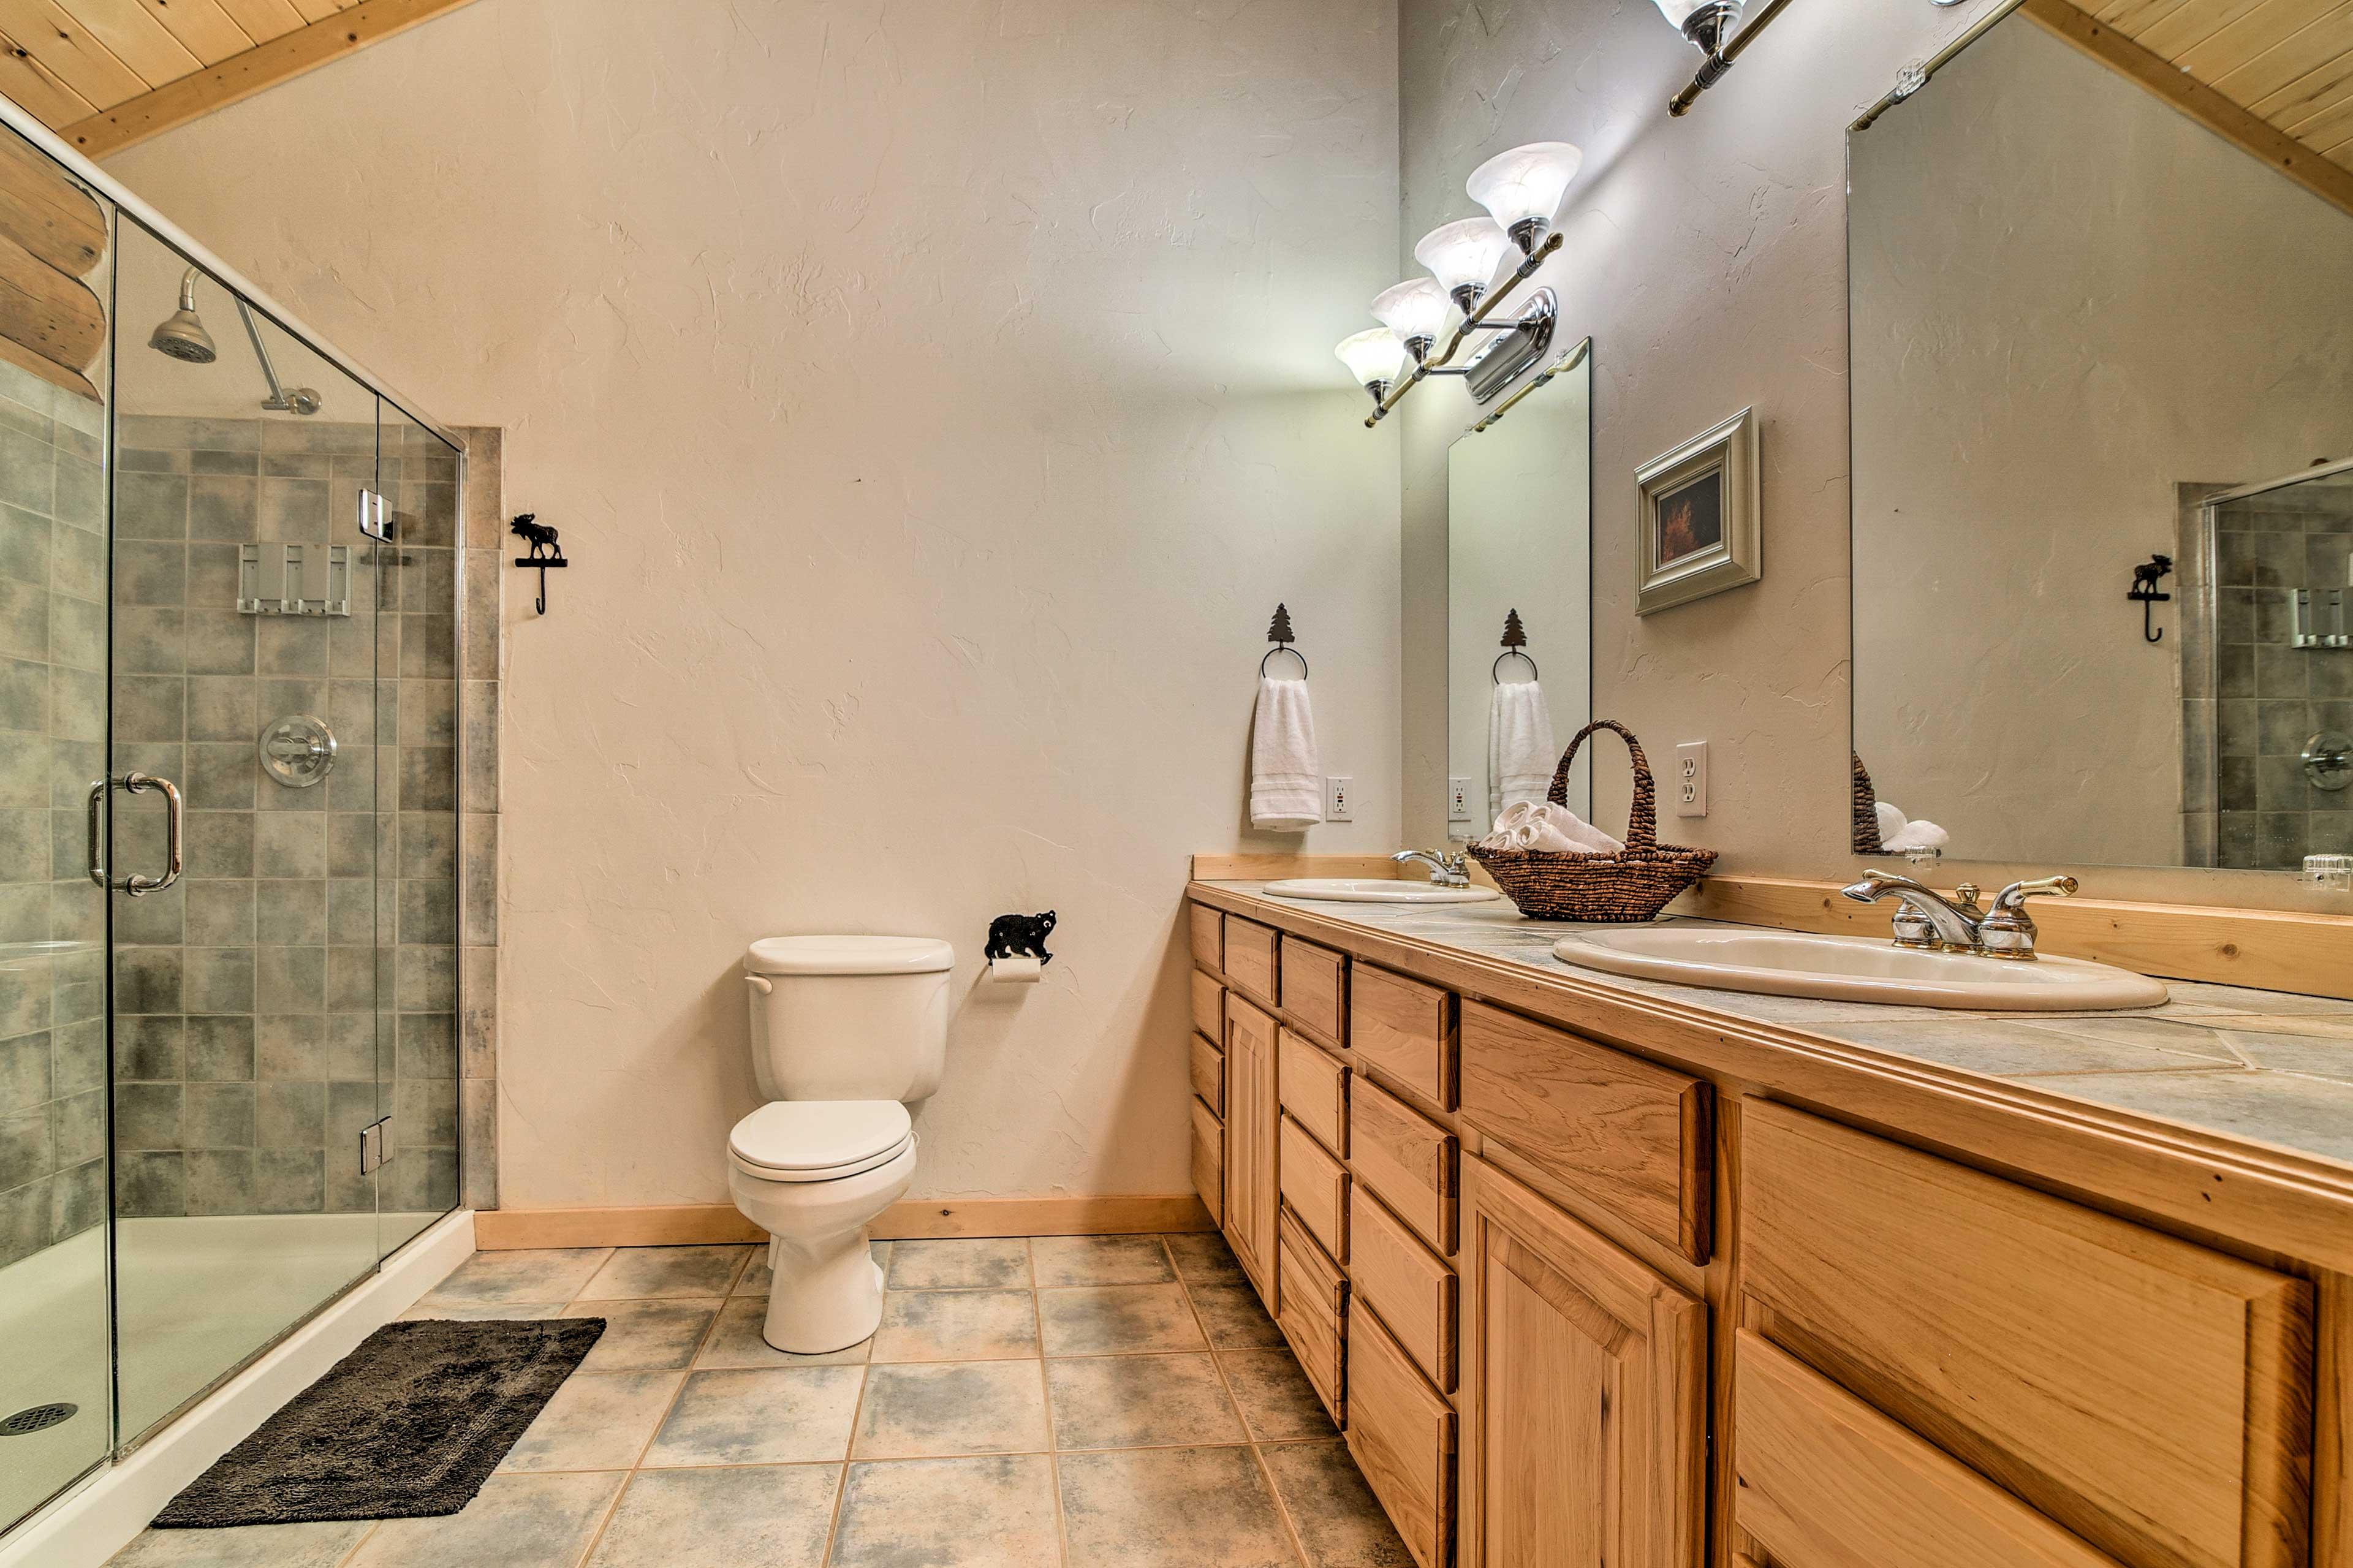 The en-suite bathroom is a full.